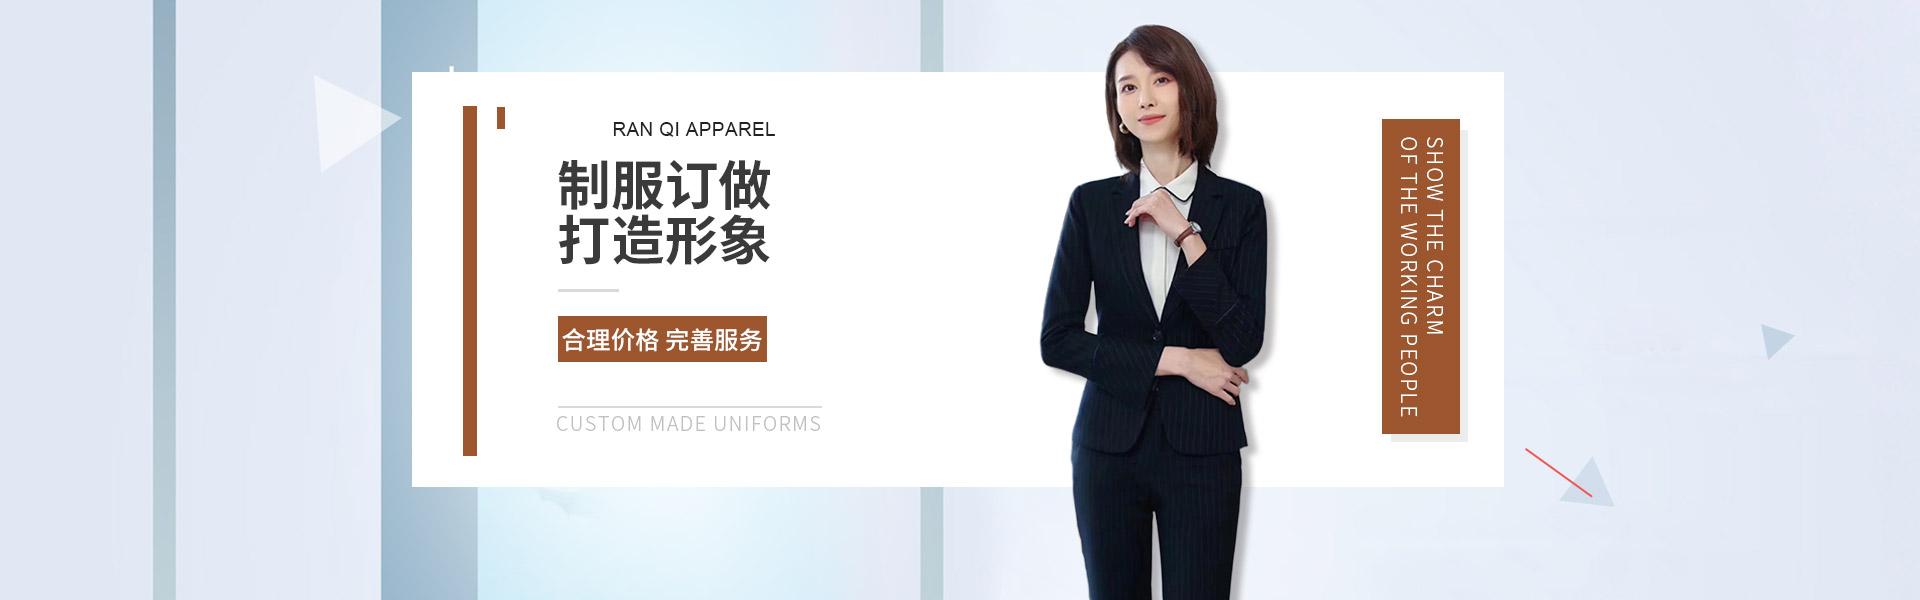 上海冉起服饰有限公司